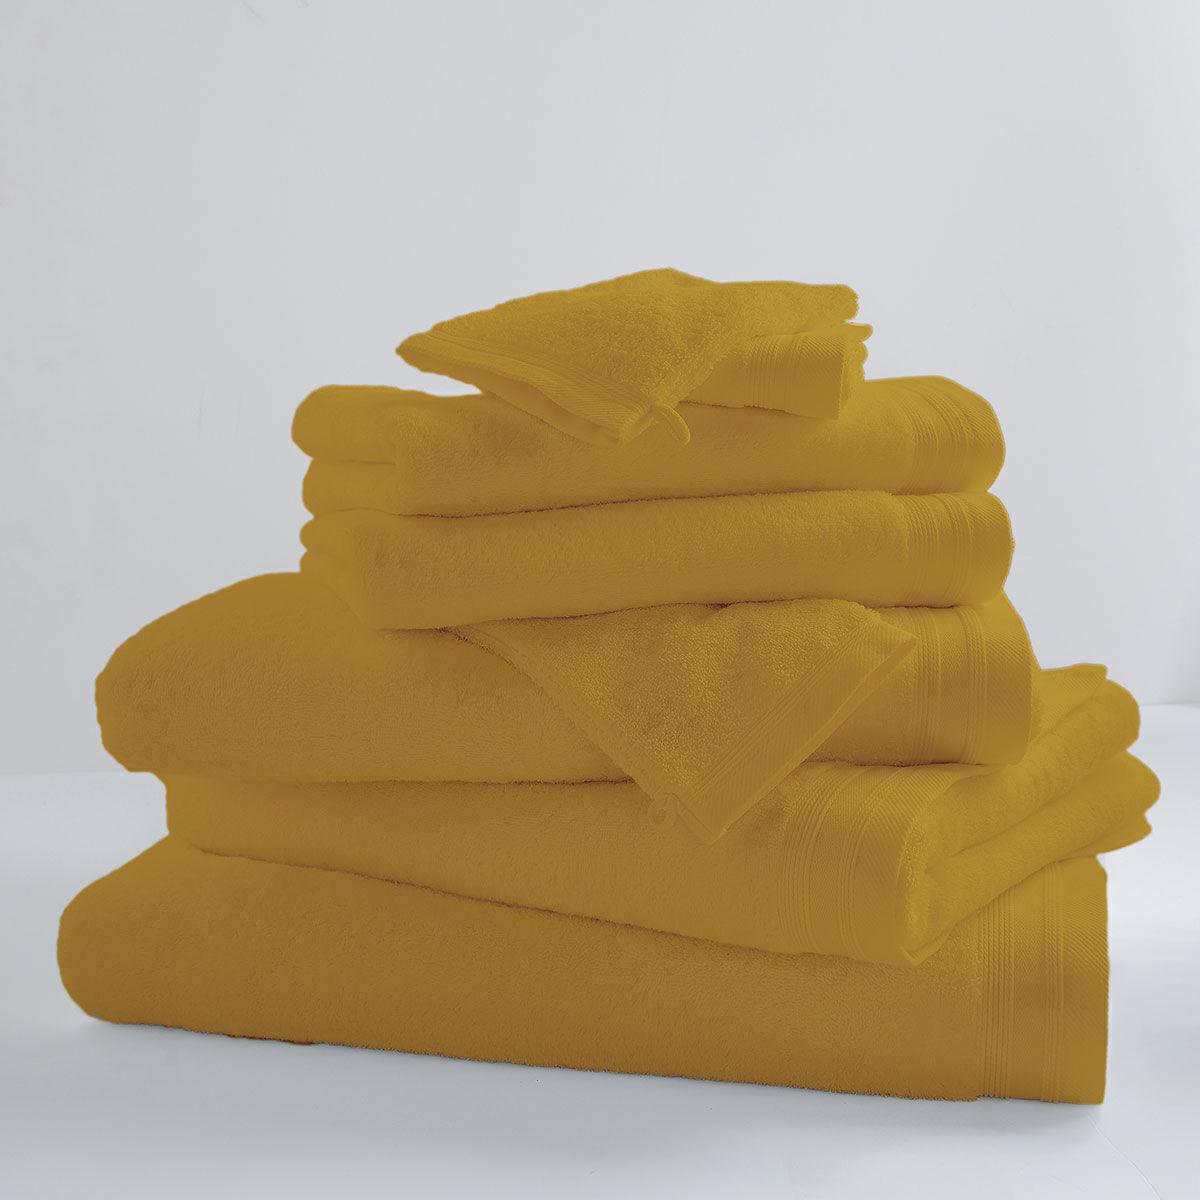 Home Bain Drap de bain uni et coloré coton banane 150x100